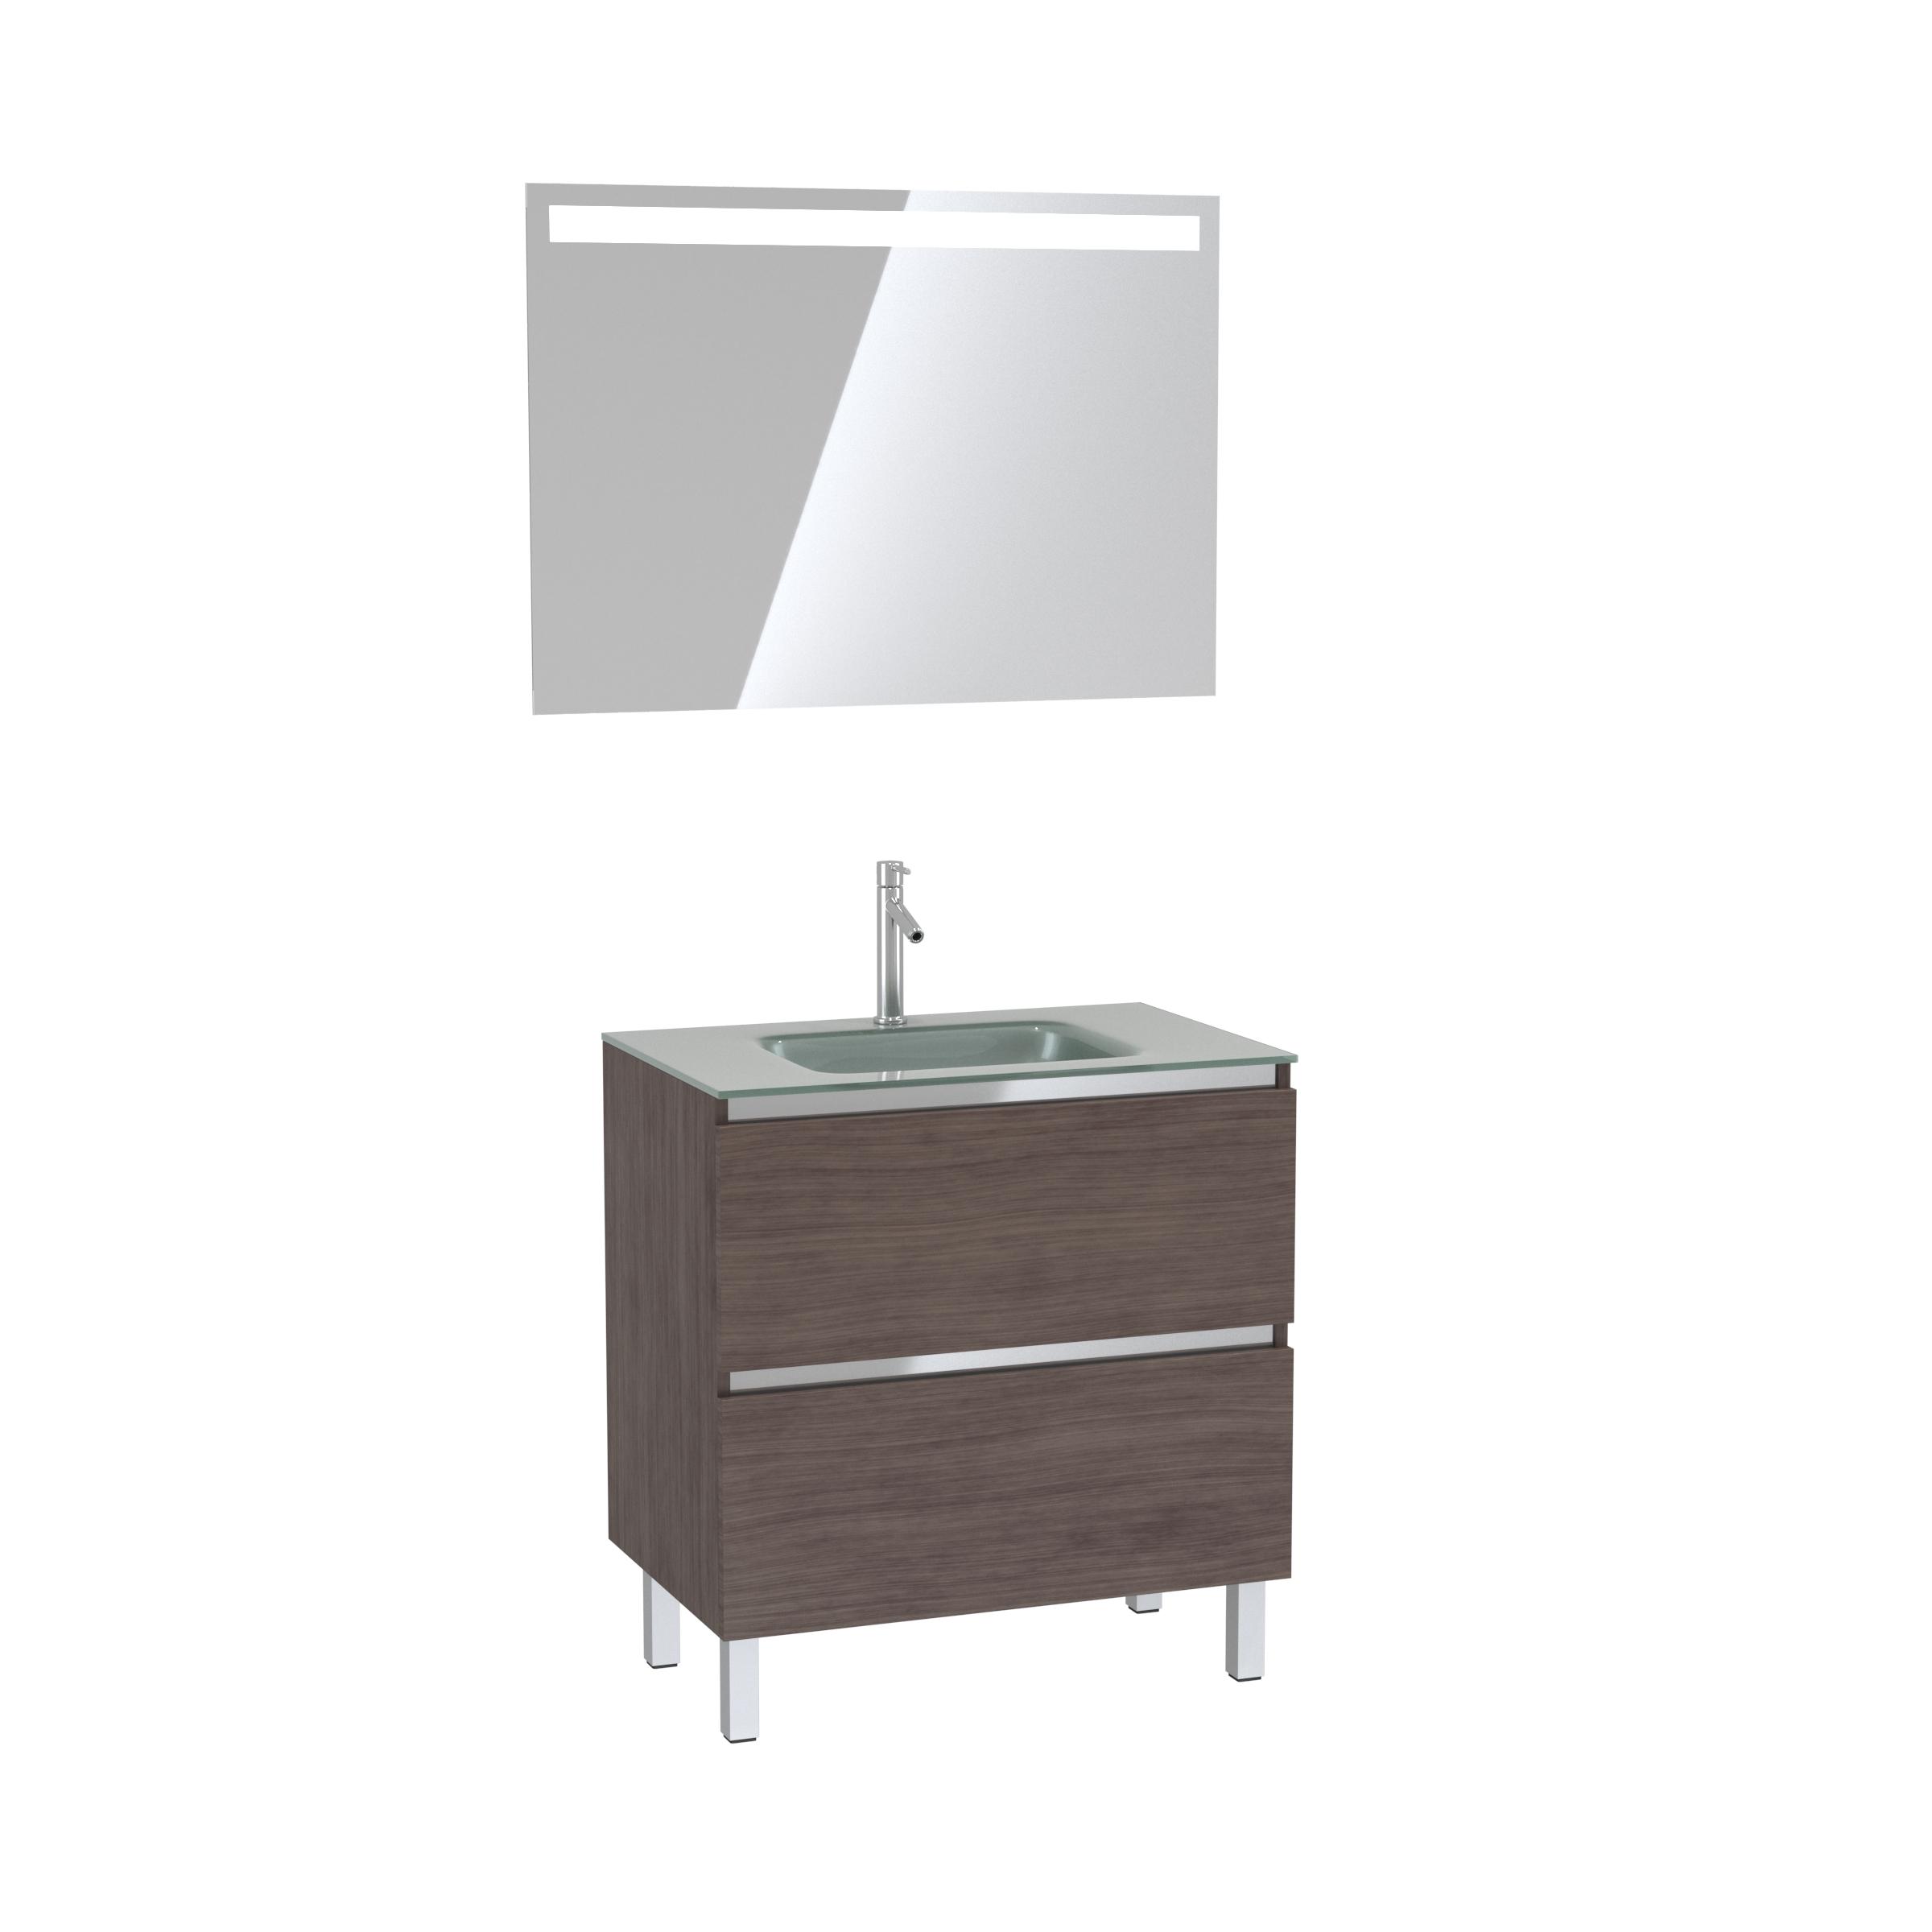 Pack Meuble de salle de bain 80x50 cm Graphite + vasque Argent + miroir LED 80x60